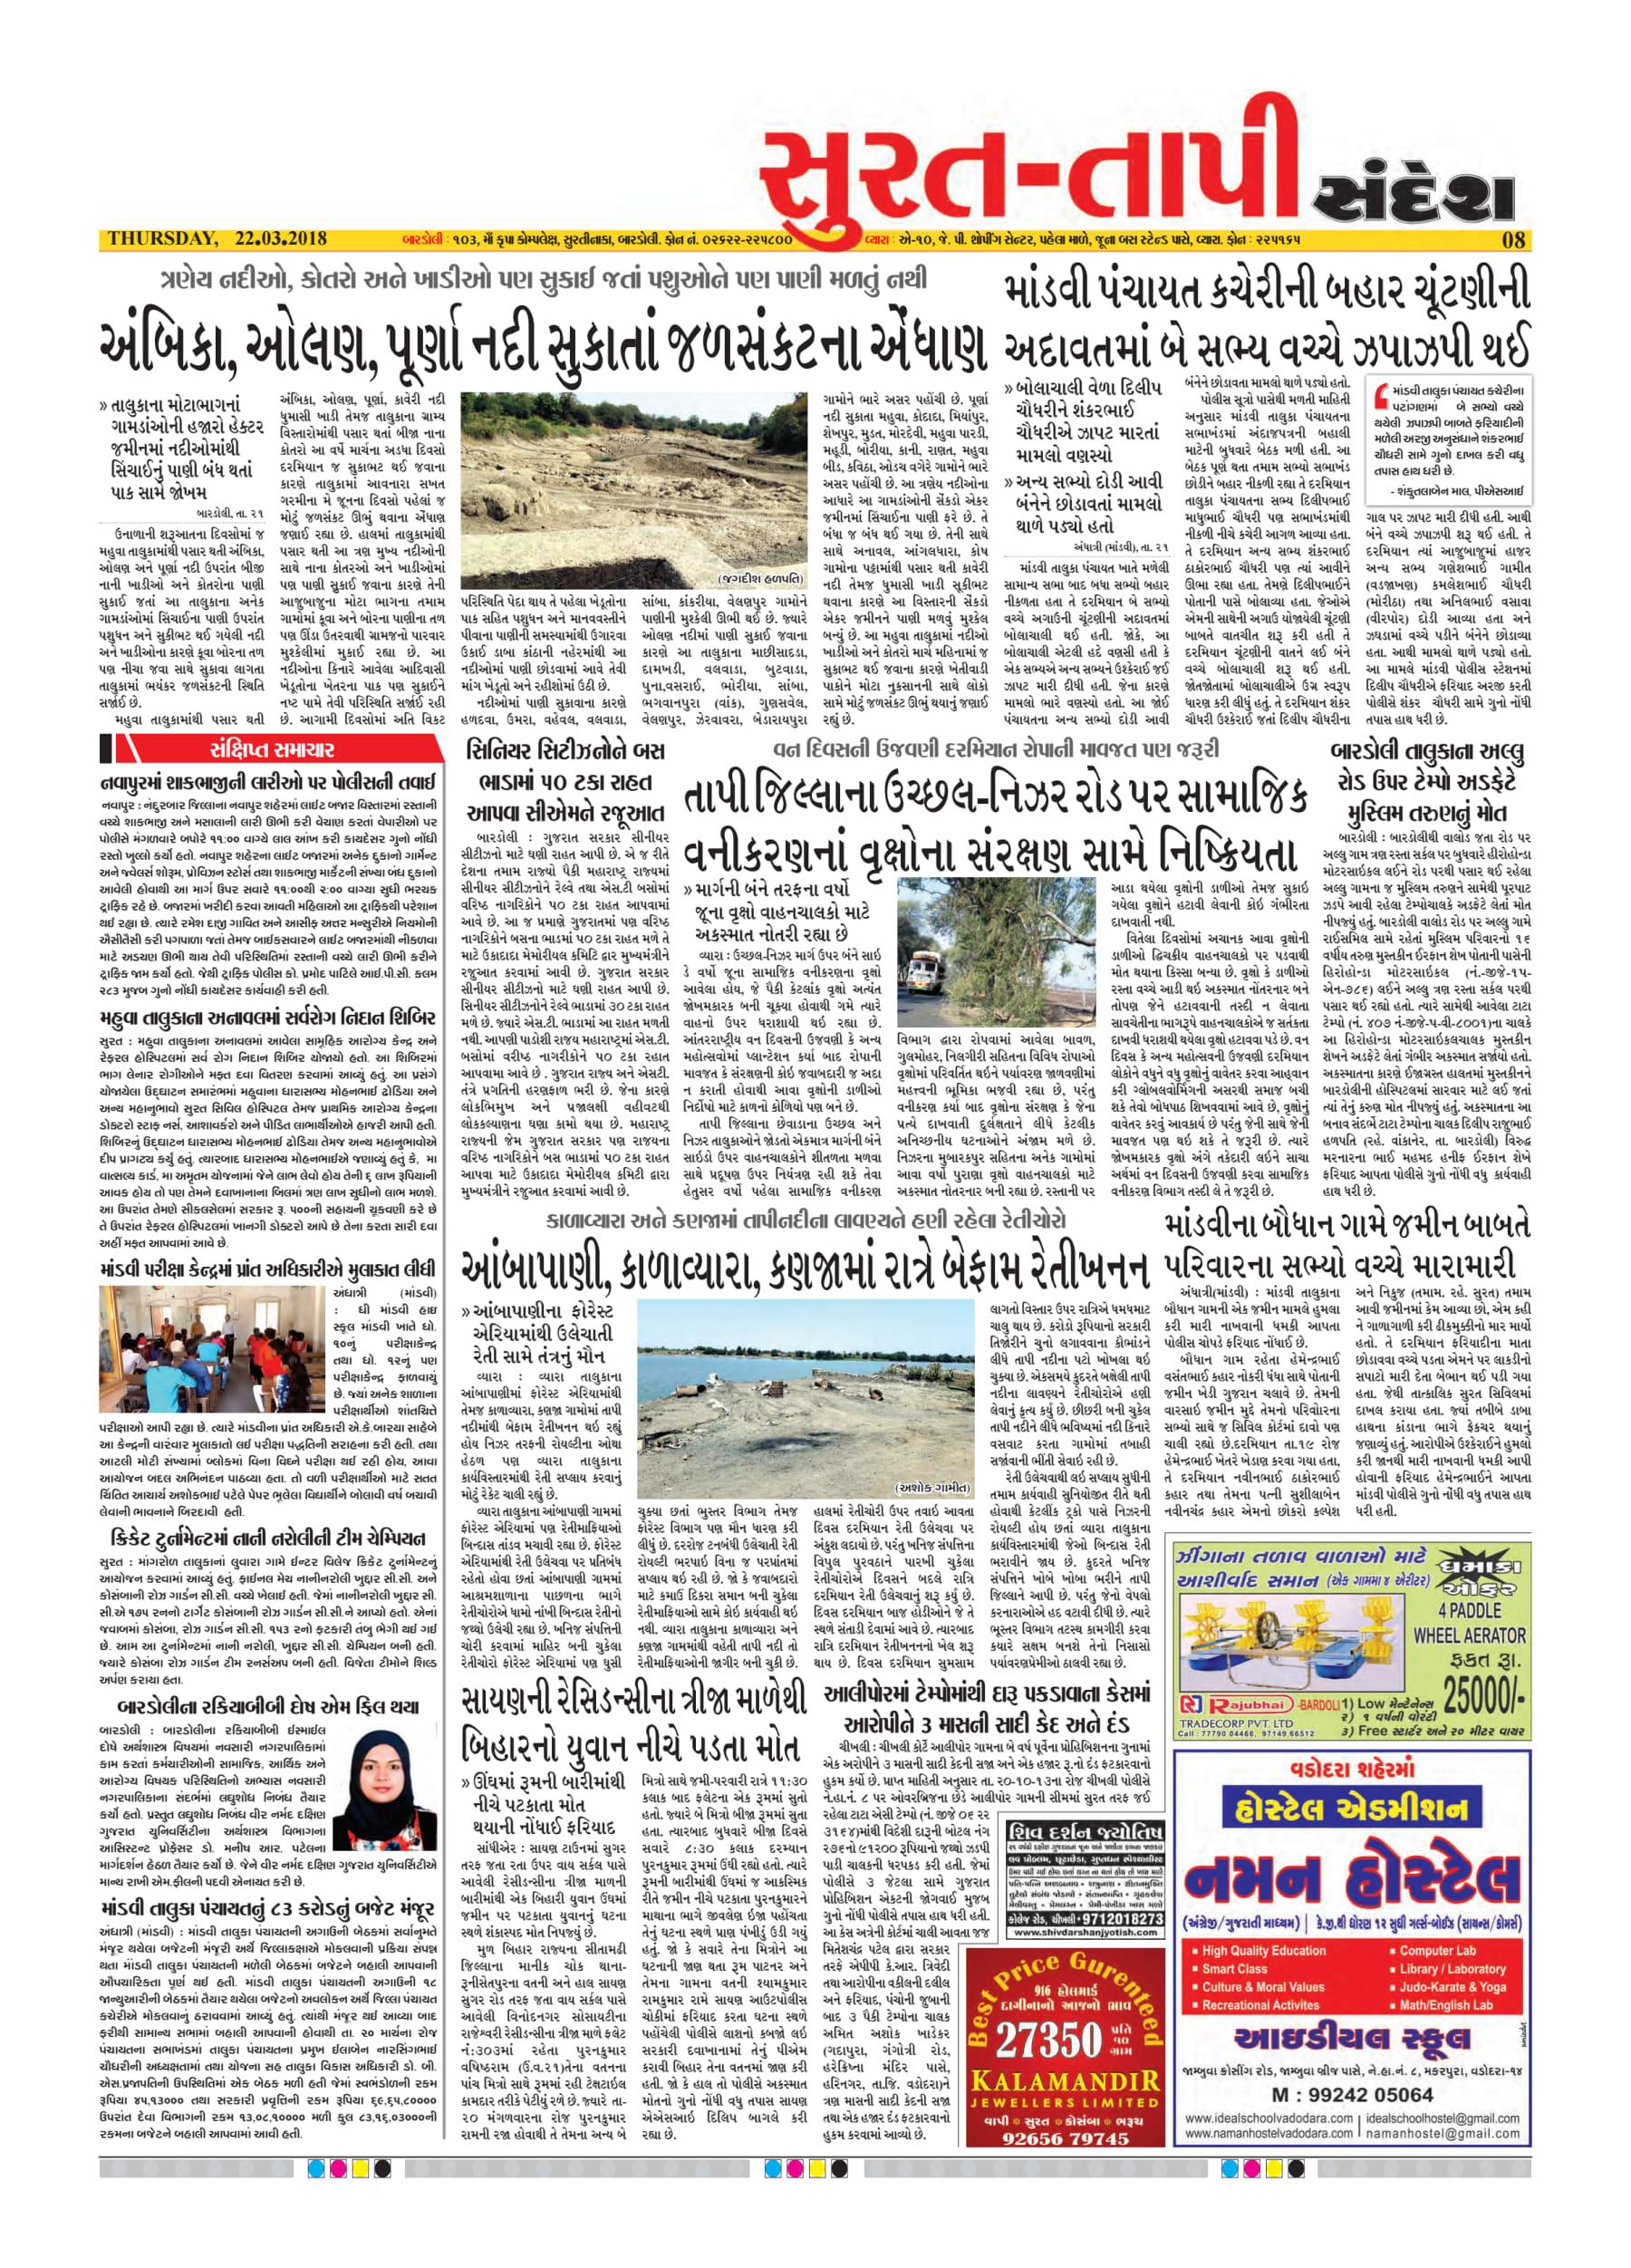 sandesh epaper ahmedabad pdf download